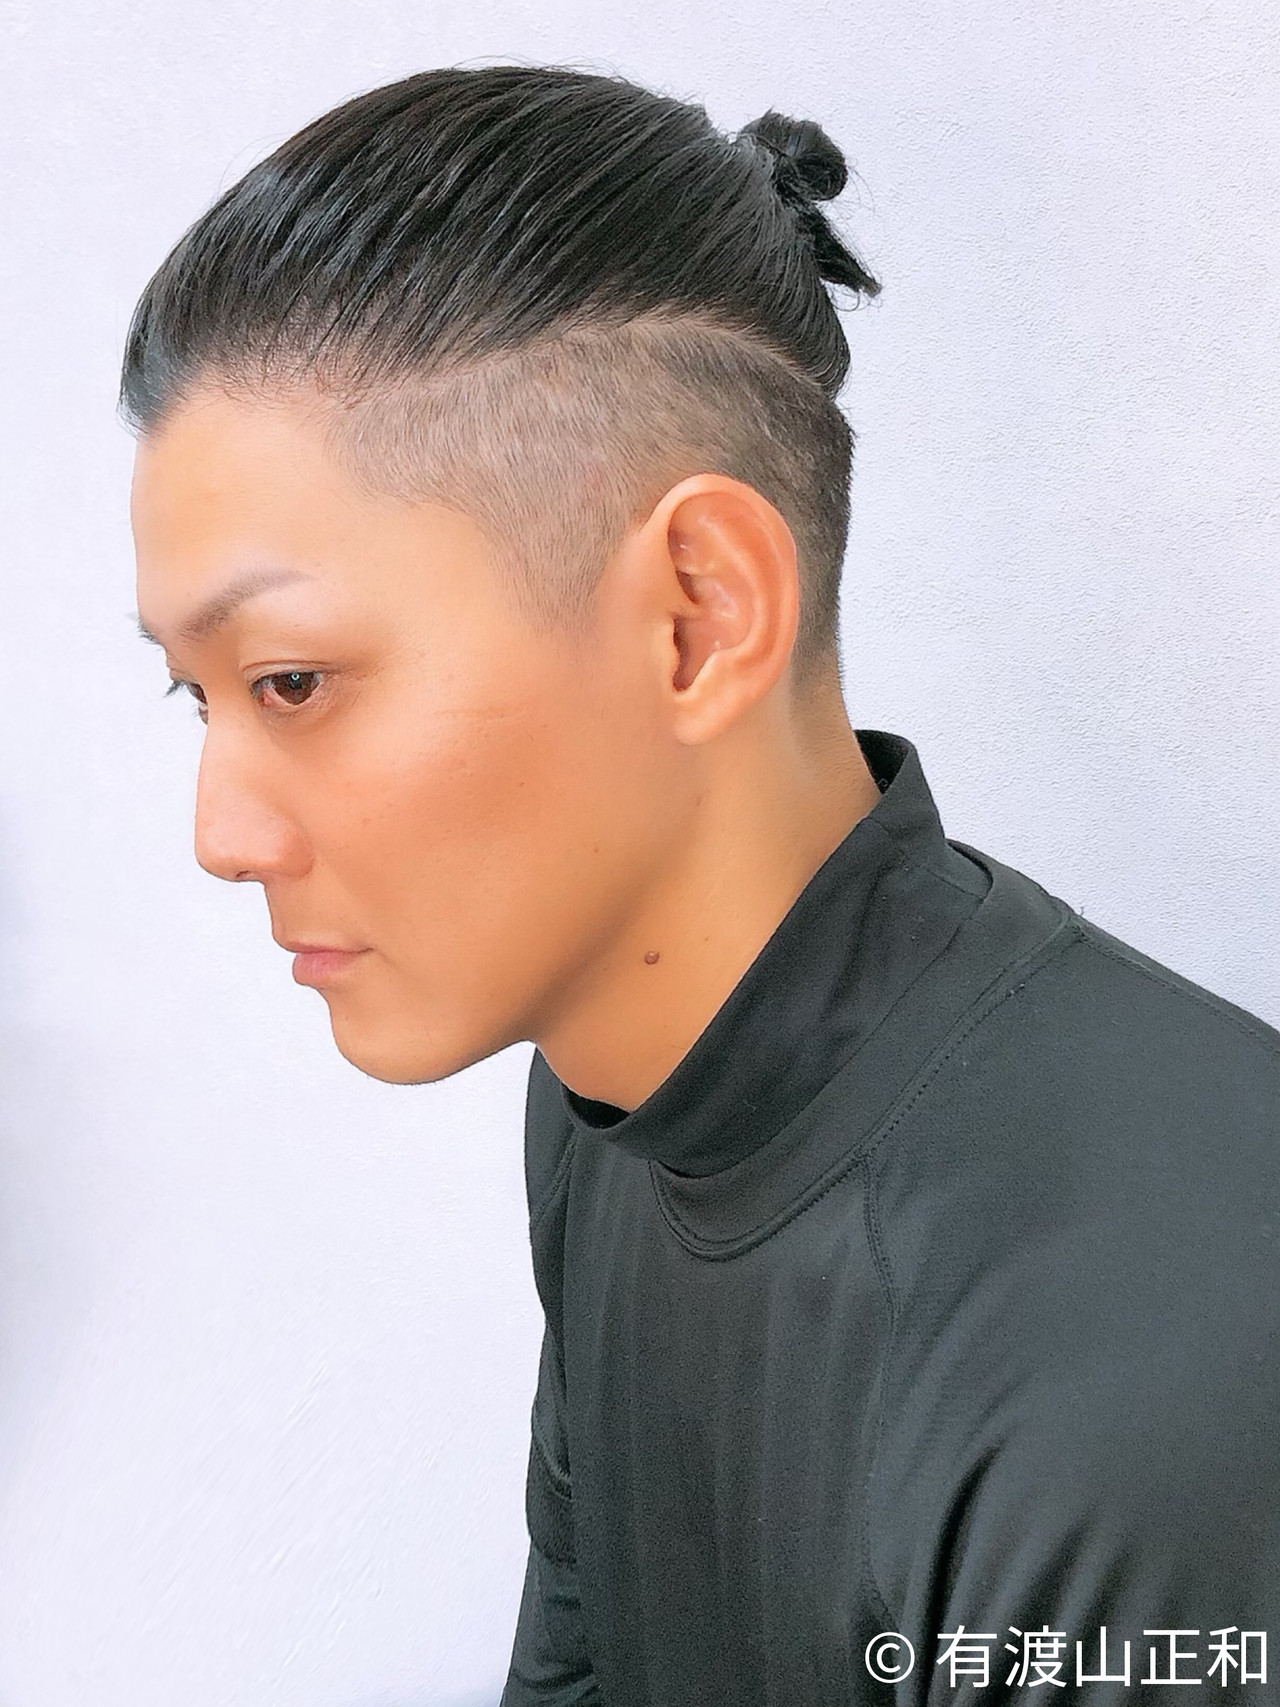 大人ロング ロング モード フェードカット ヘアスタイルや髪型の写真・画像